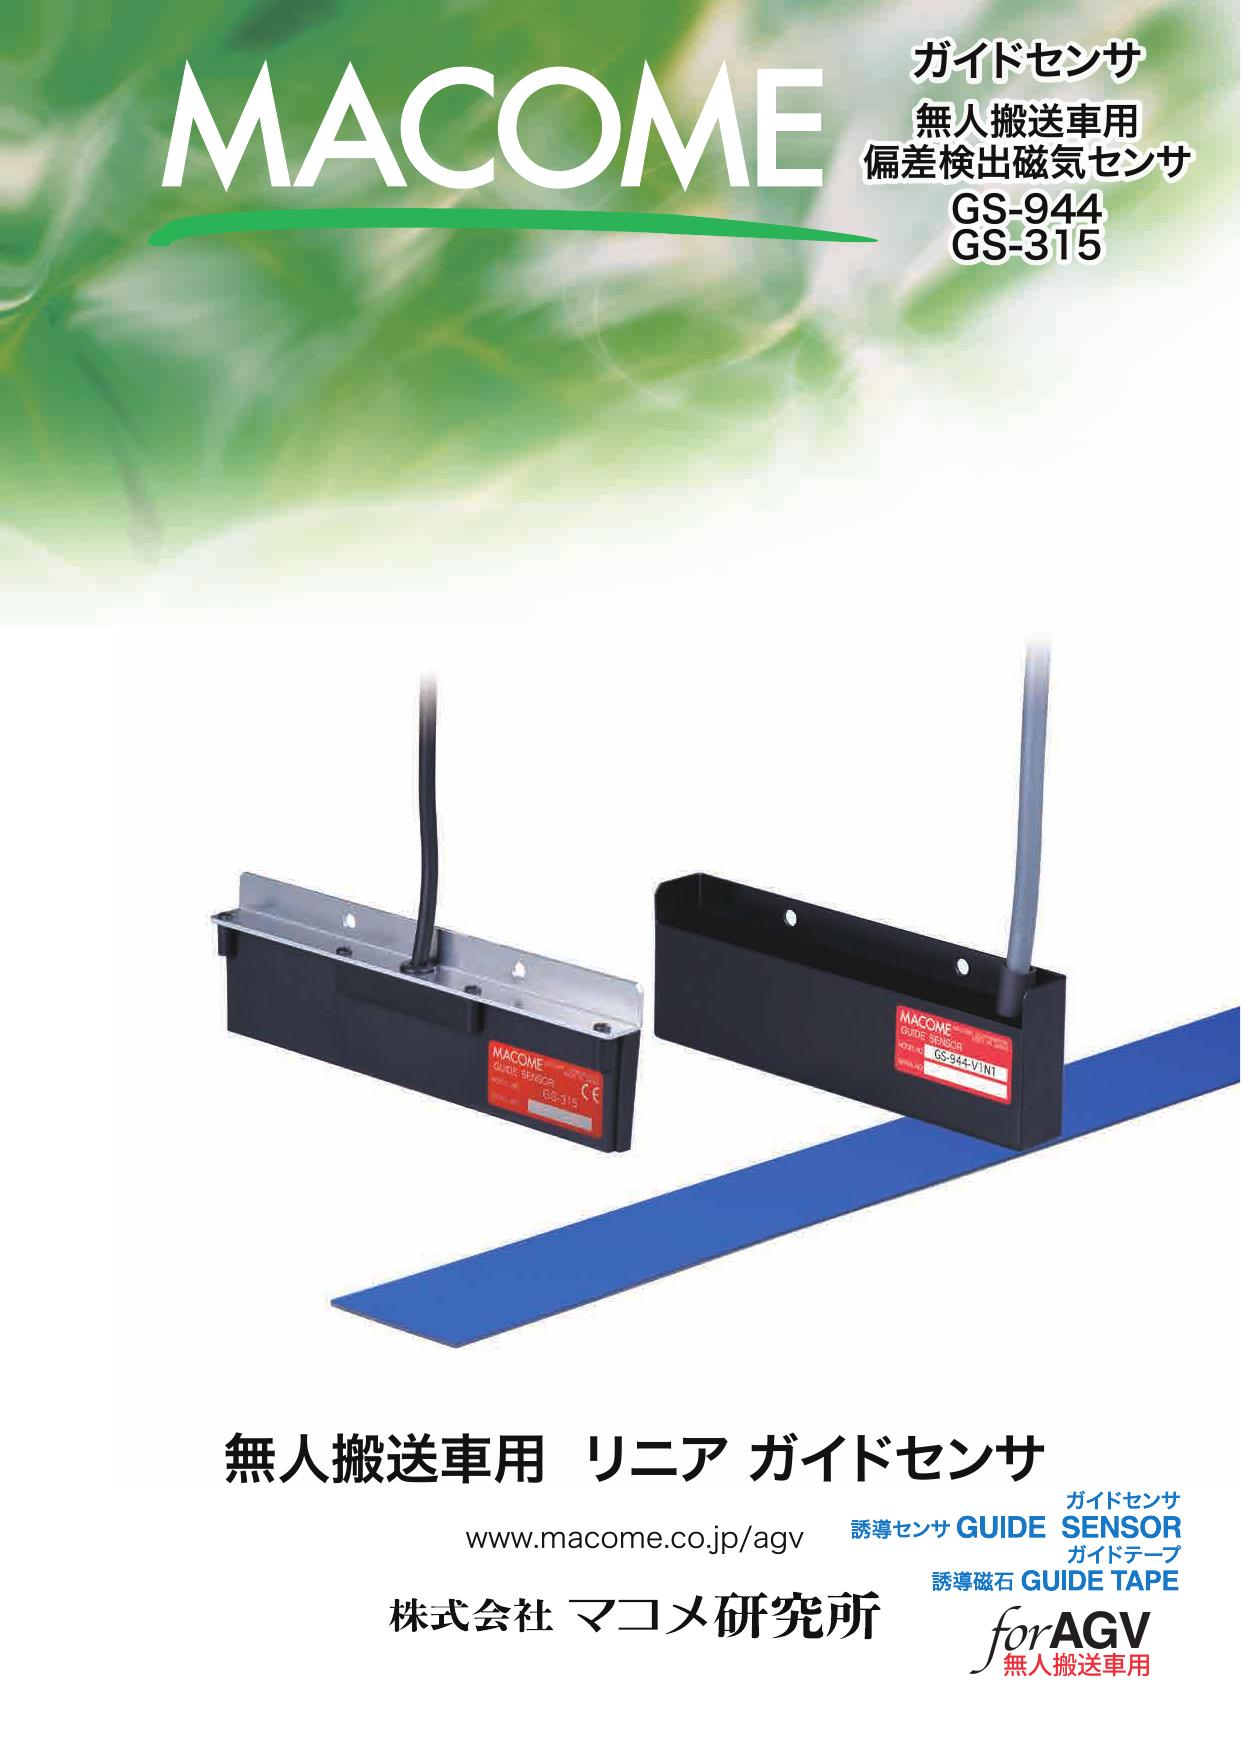 磁気式AGV用ガイドセンサ